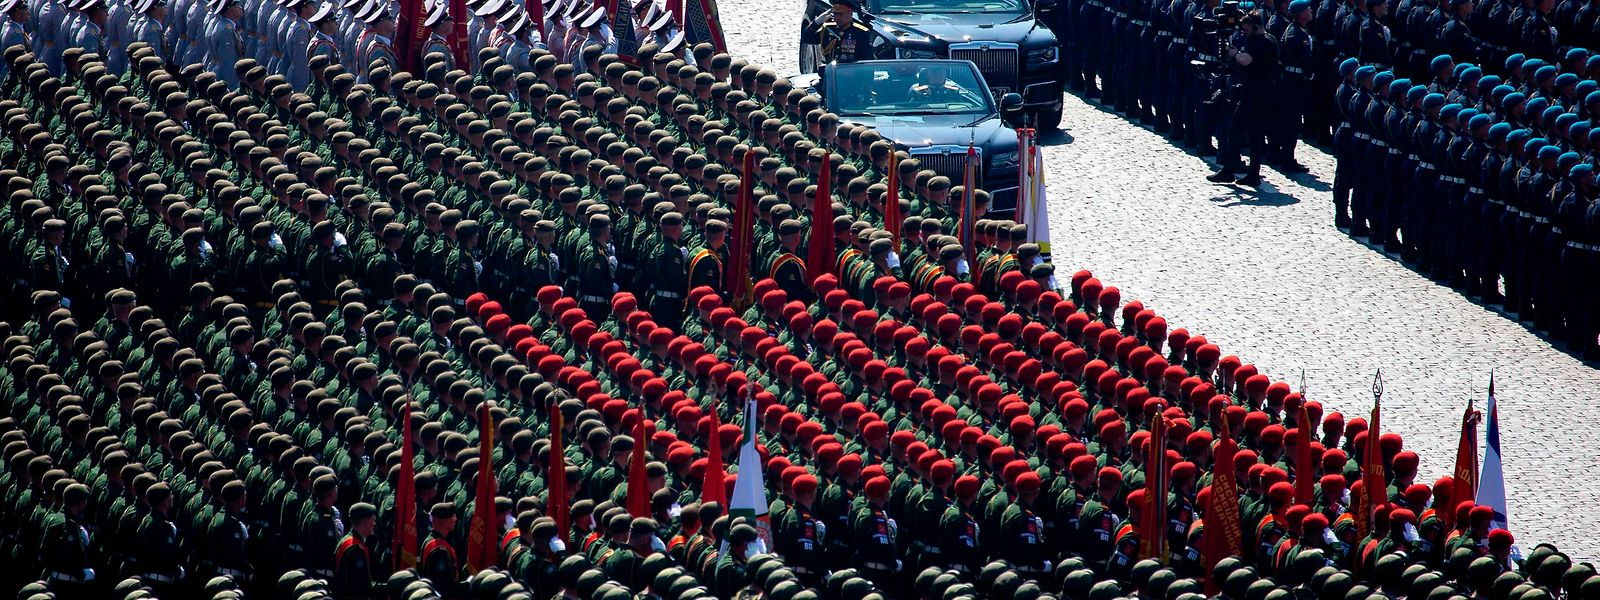 Die russischen Streitkräfte geben sich bei Paraden gern als Vorzeigearmee. Doch das Gewaltproblem ist groß in den Reihen der Soldaten.